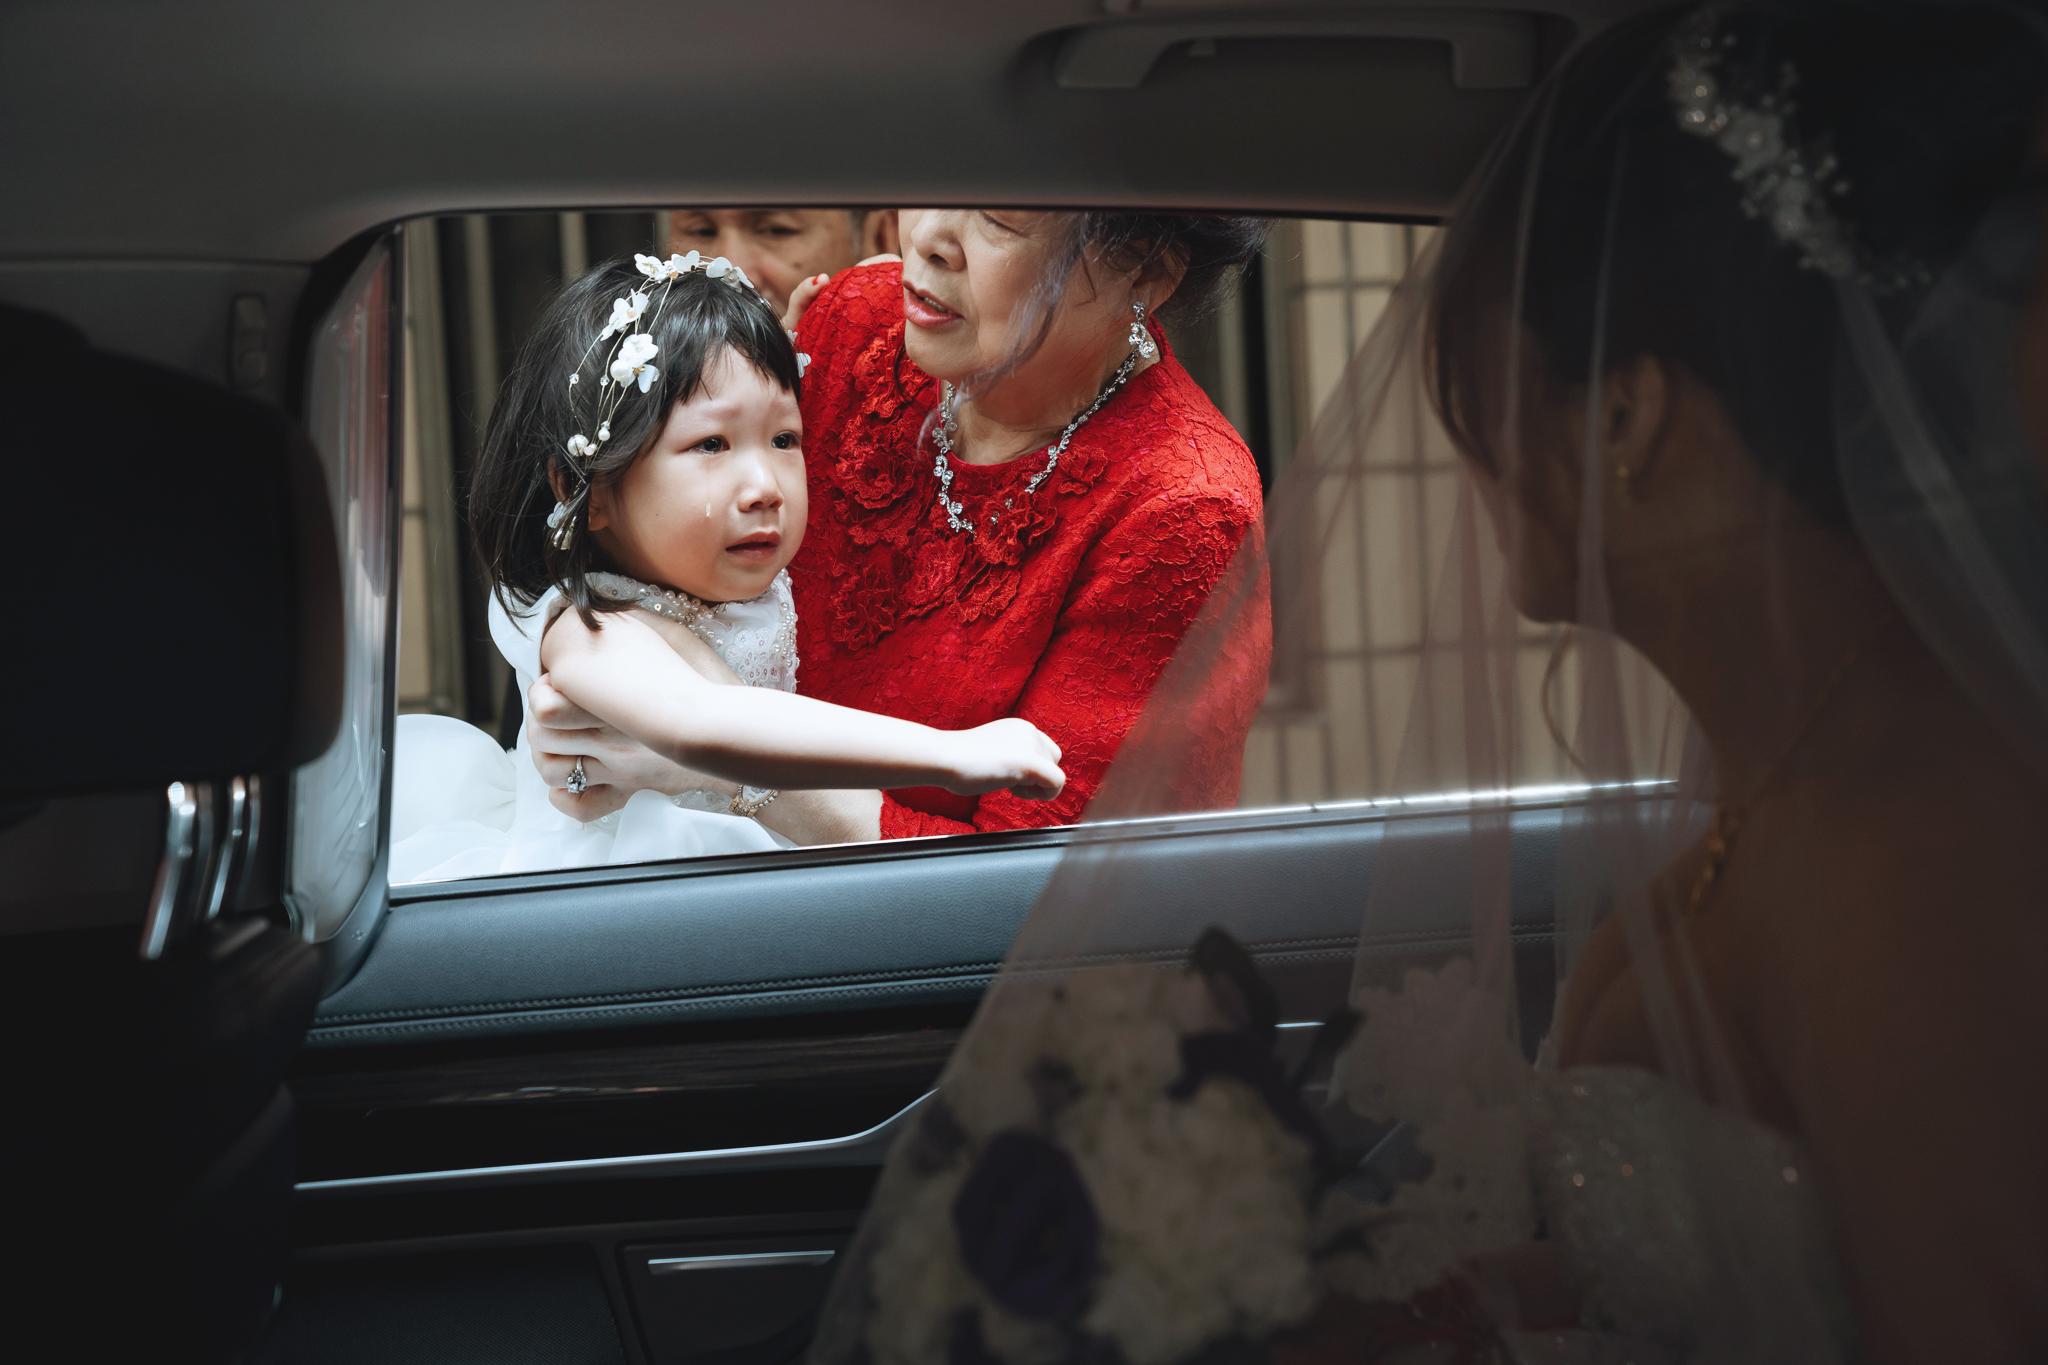 婚禮紀錄, 遠企香格里拉宴會廳, EW, Donfer, 台北婚攝, 雙攝影師, 多燈攝影, Wedding Day, 東法